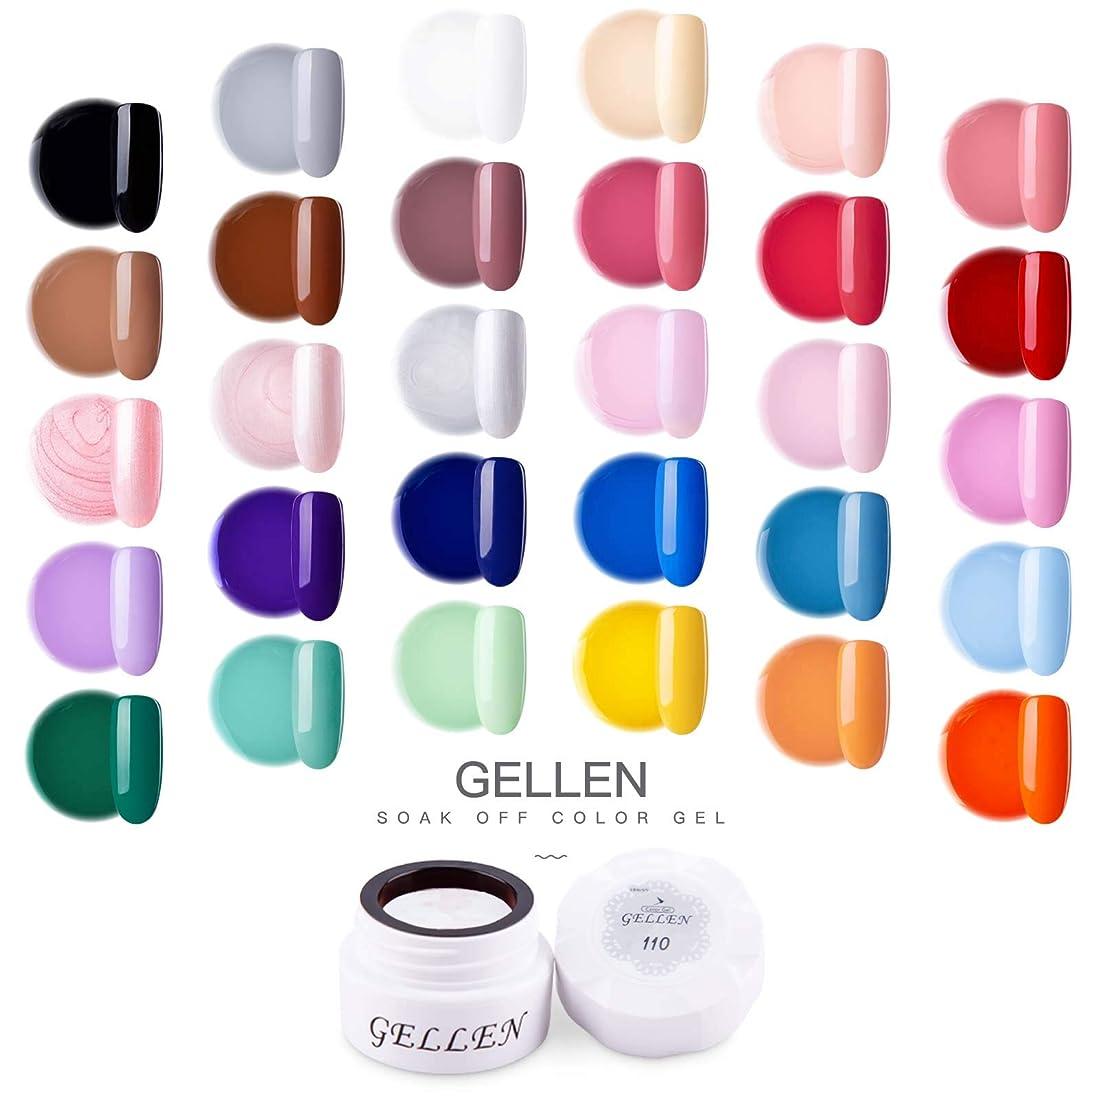 支出予防接種するアライアンスGellen カラージェル 30色定番カラー セット 高品質 5g ジェルネイル カラー ネイルブラシ付き